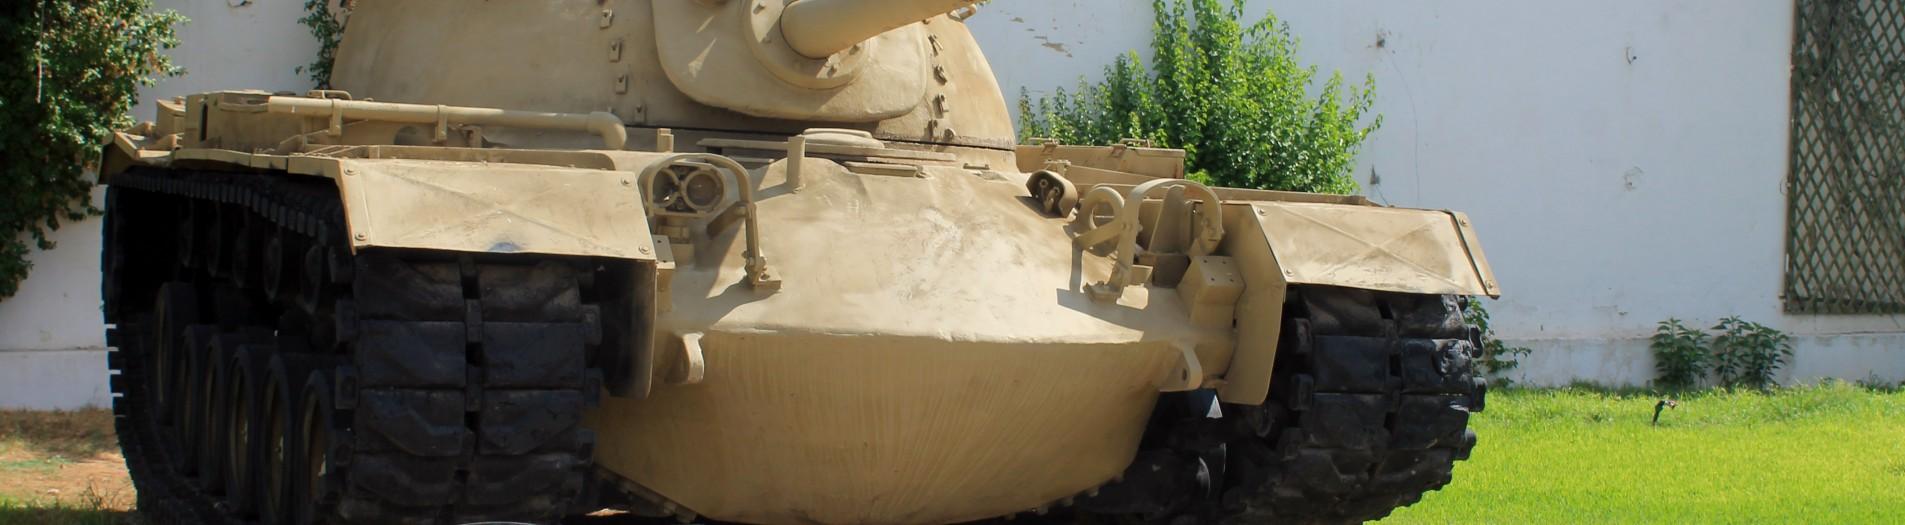 Musée Militaire de la Tunisie